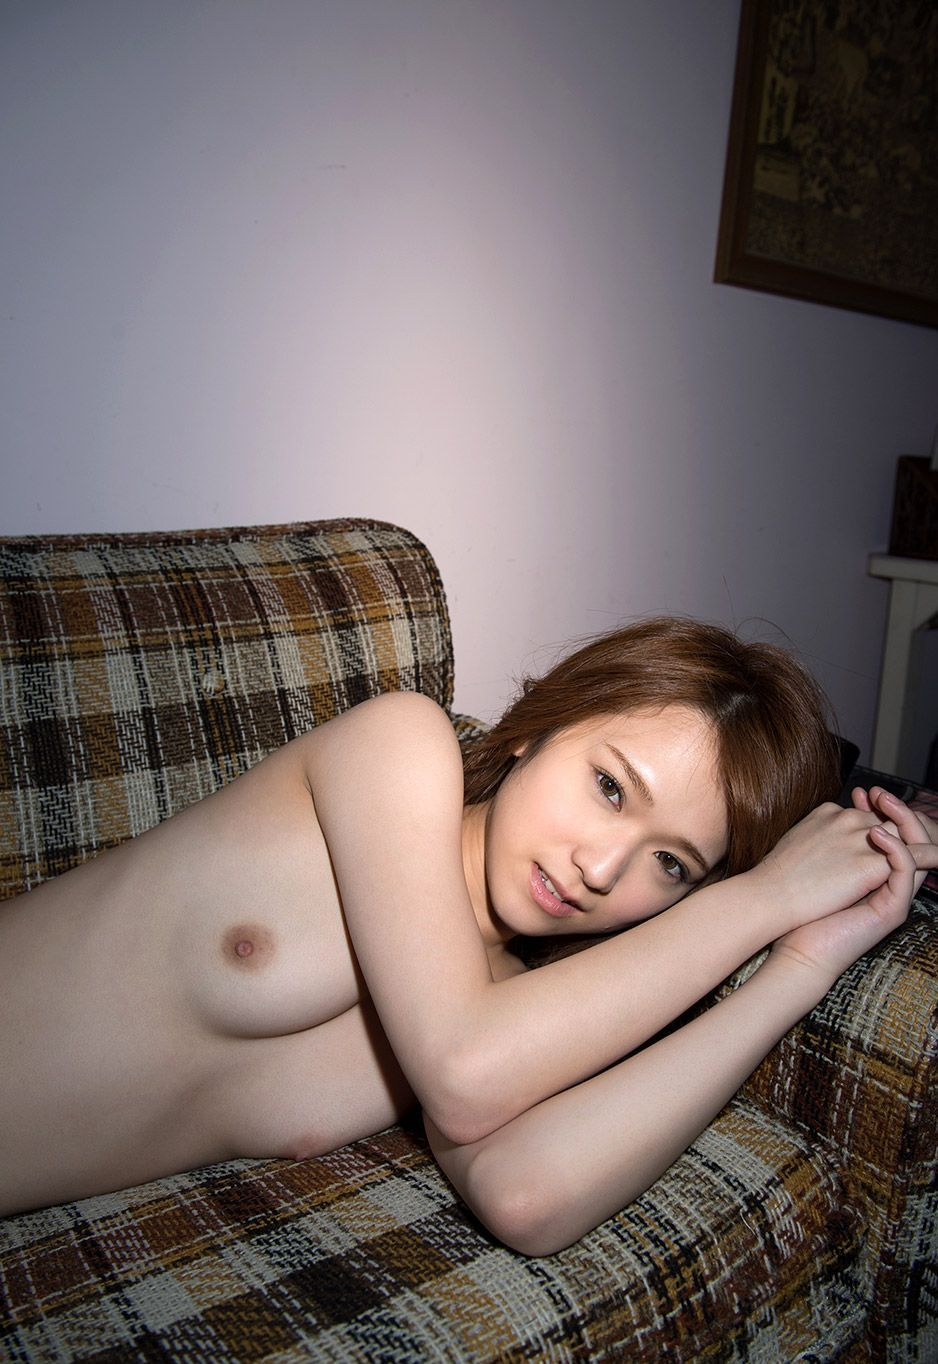 【椎名そらエロ画像】八重歯可愛いレズっ娘!椎名そらの美裸体(;´∀`)